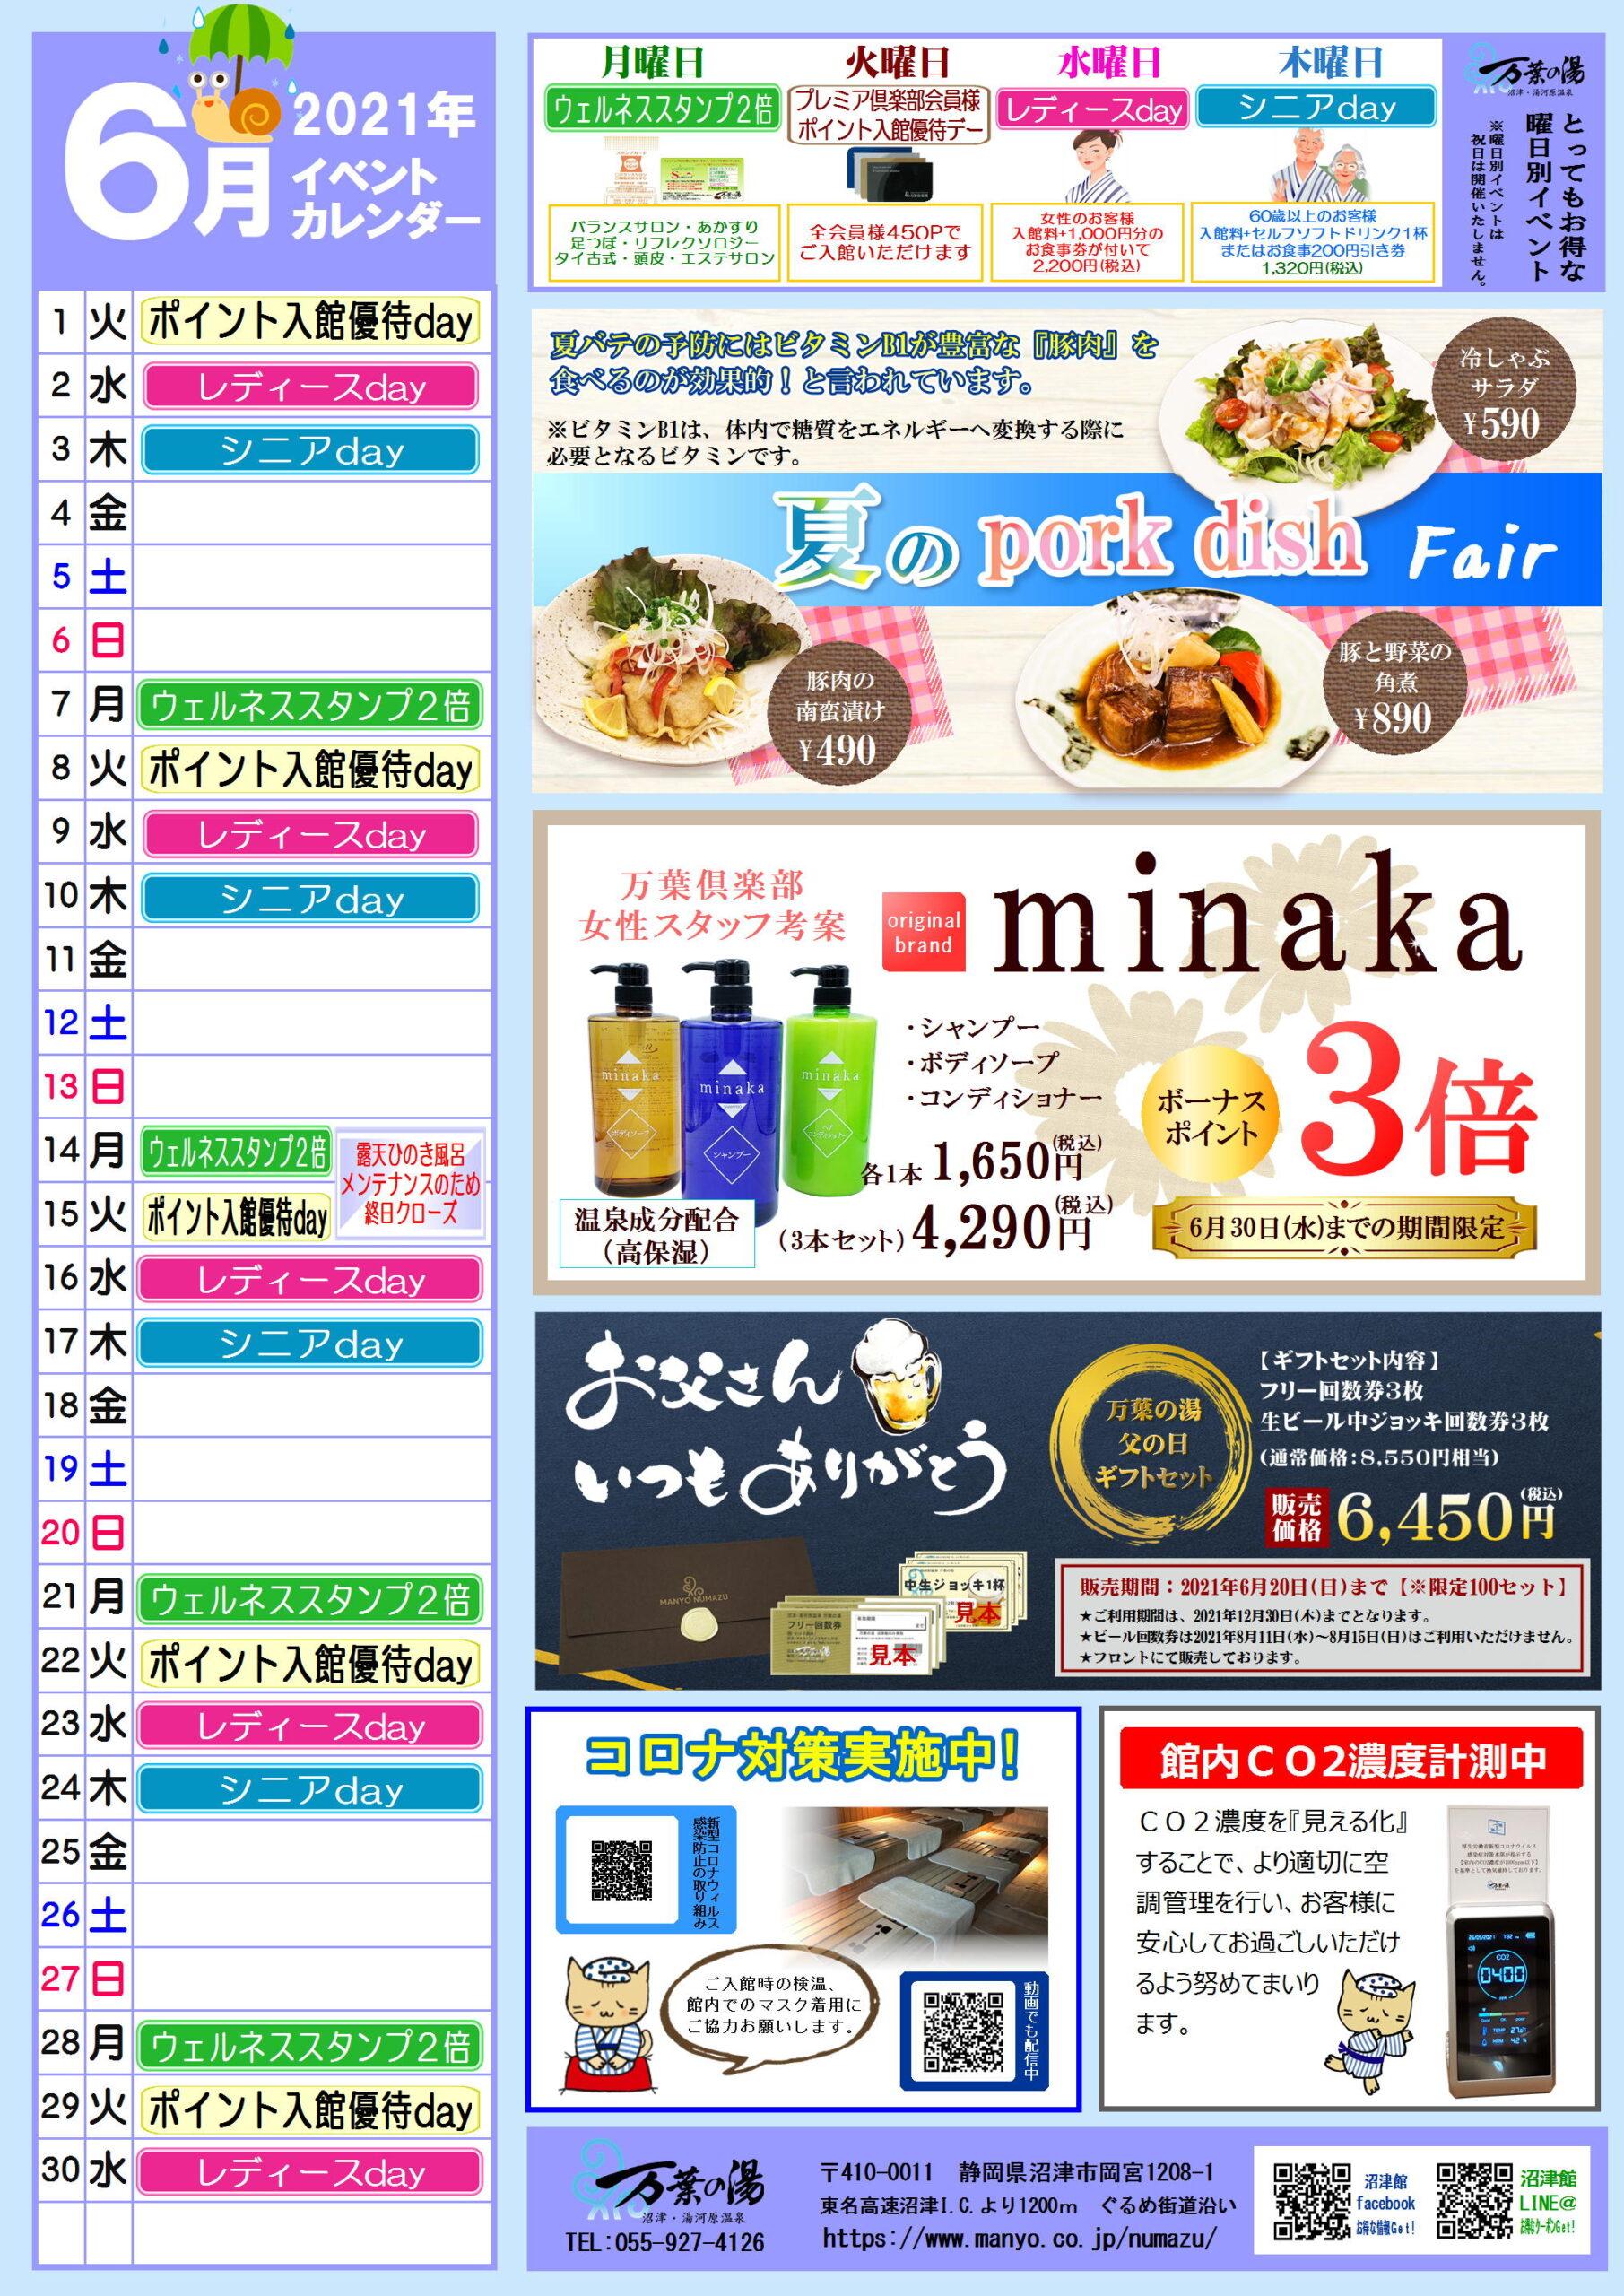 イベントカレンダー6月(メンテナンス)